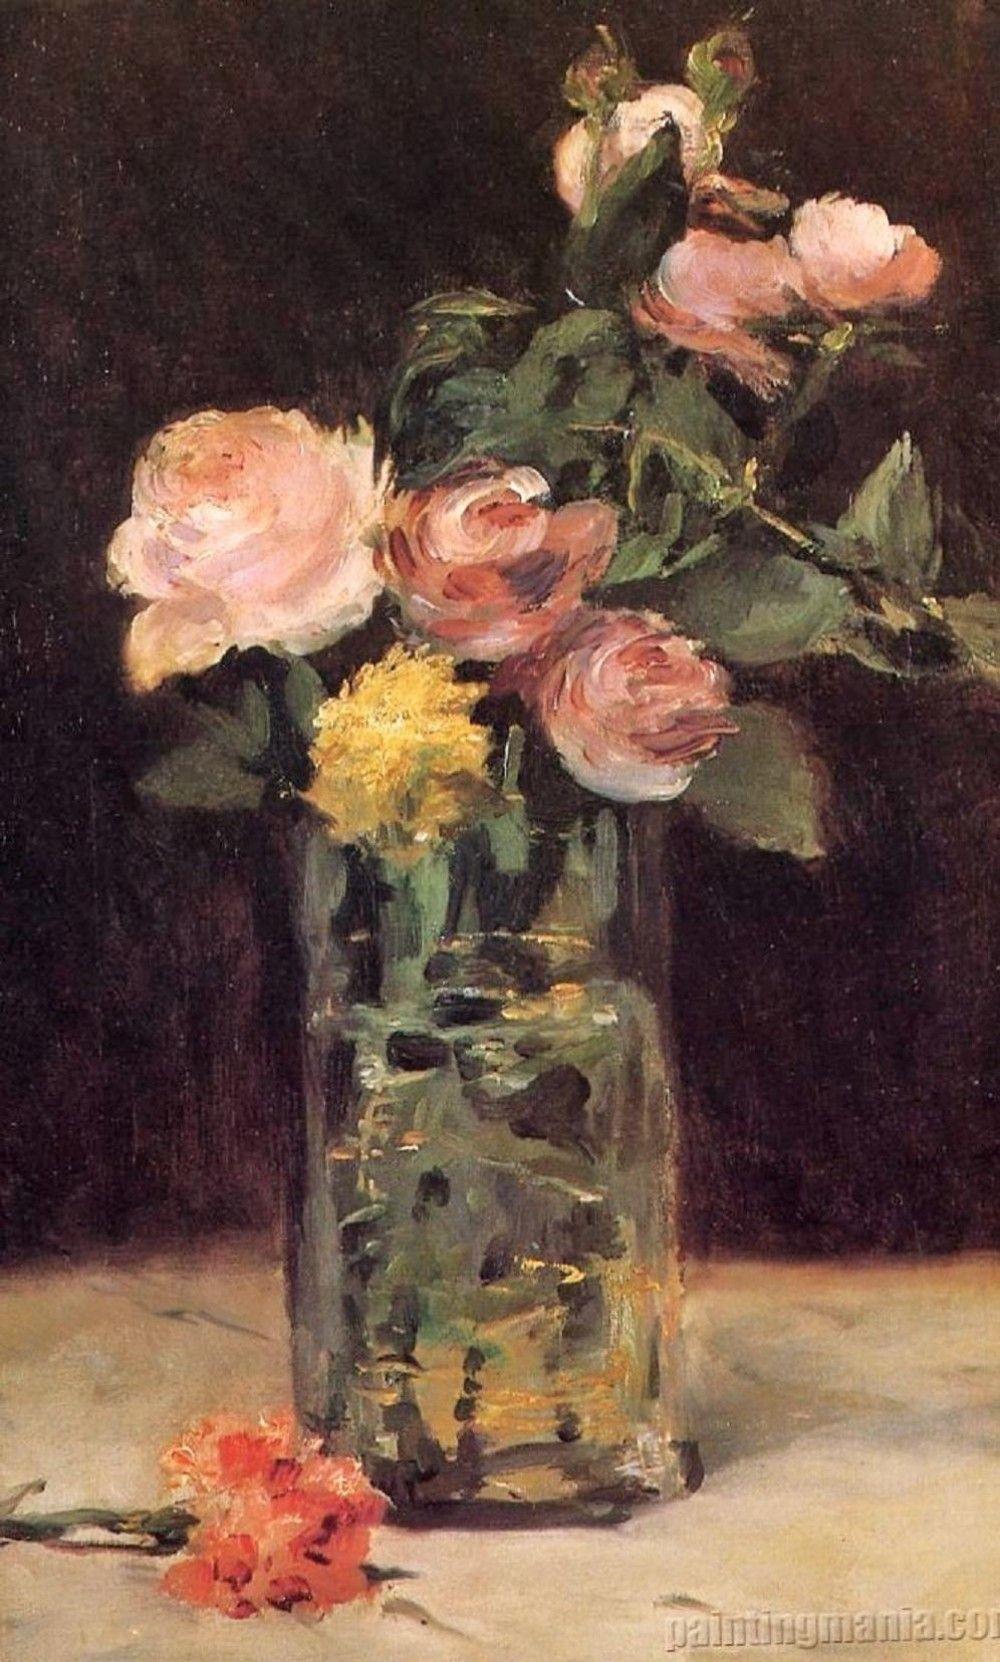 REAL roses from MANET, Roses dans un vase en verre 1883 ...